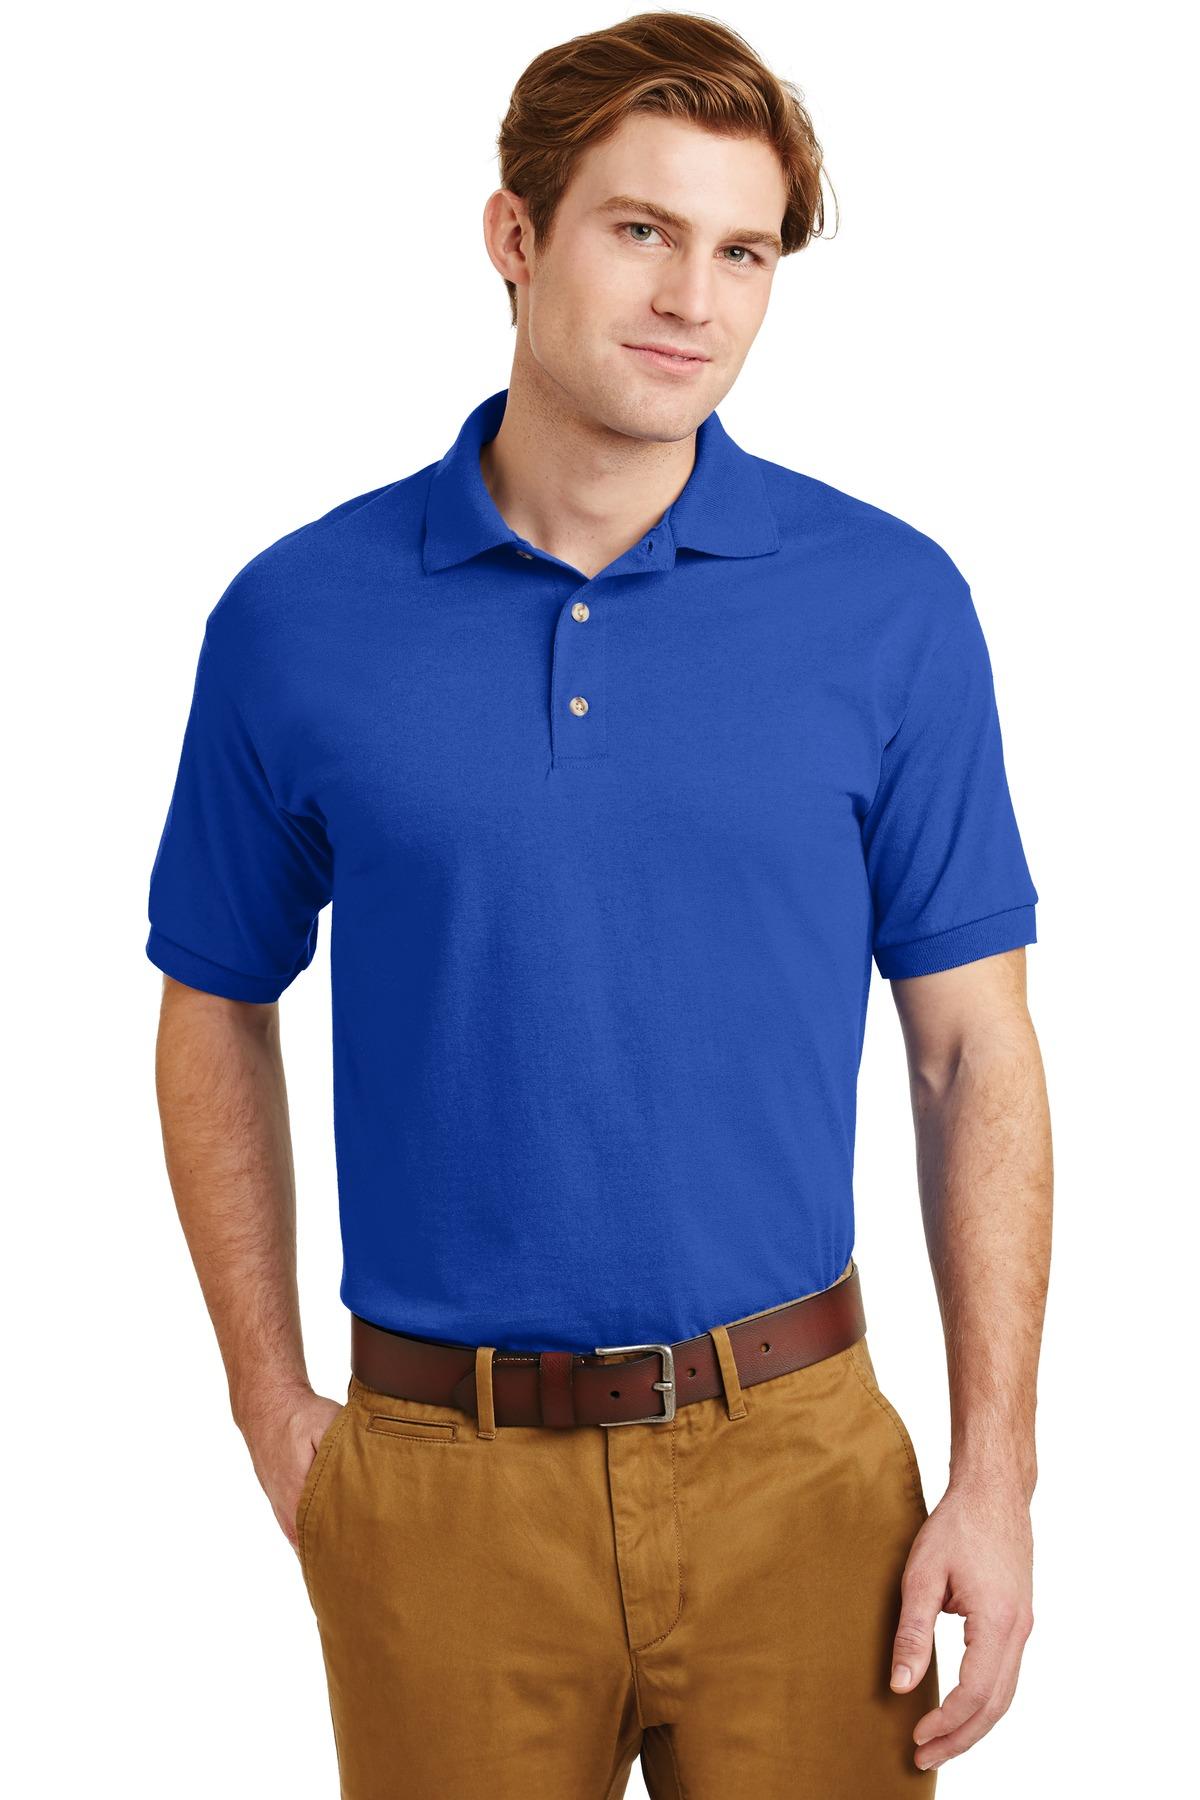 98a8a586ac6 Gildan ® - DryBlend ® 6-Ounce Jersey Knit Sport Shirt. 8800